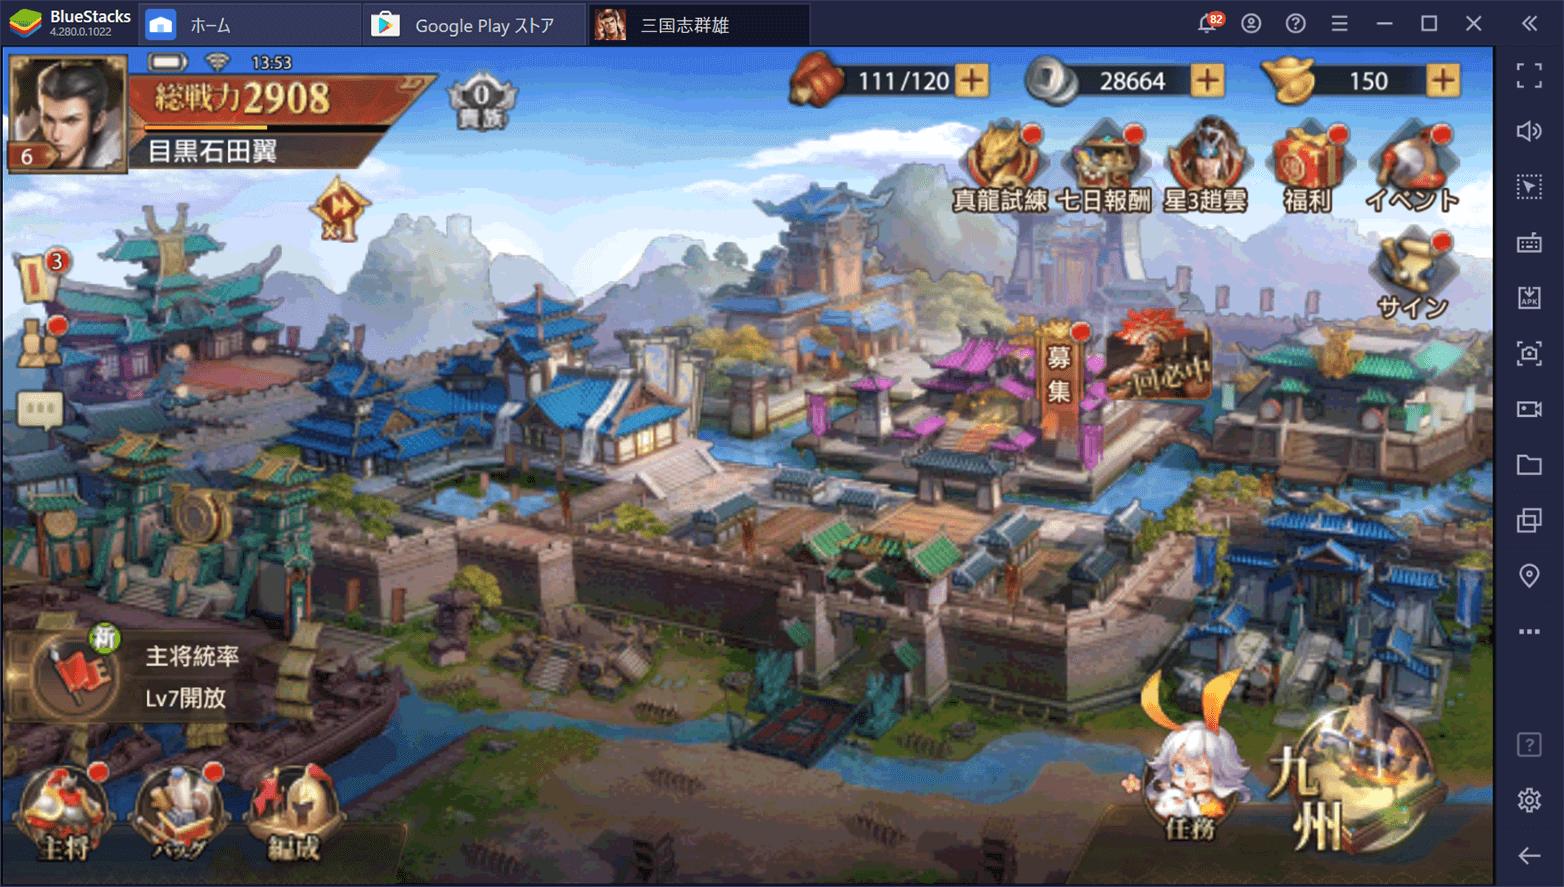 BlueStacksを使ってPCで『三国志群雄 本格三国RPG』を遊ぼう